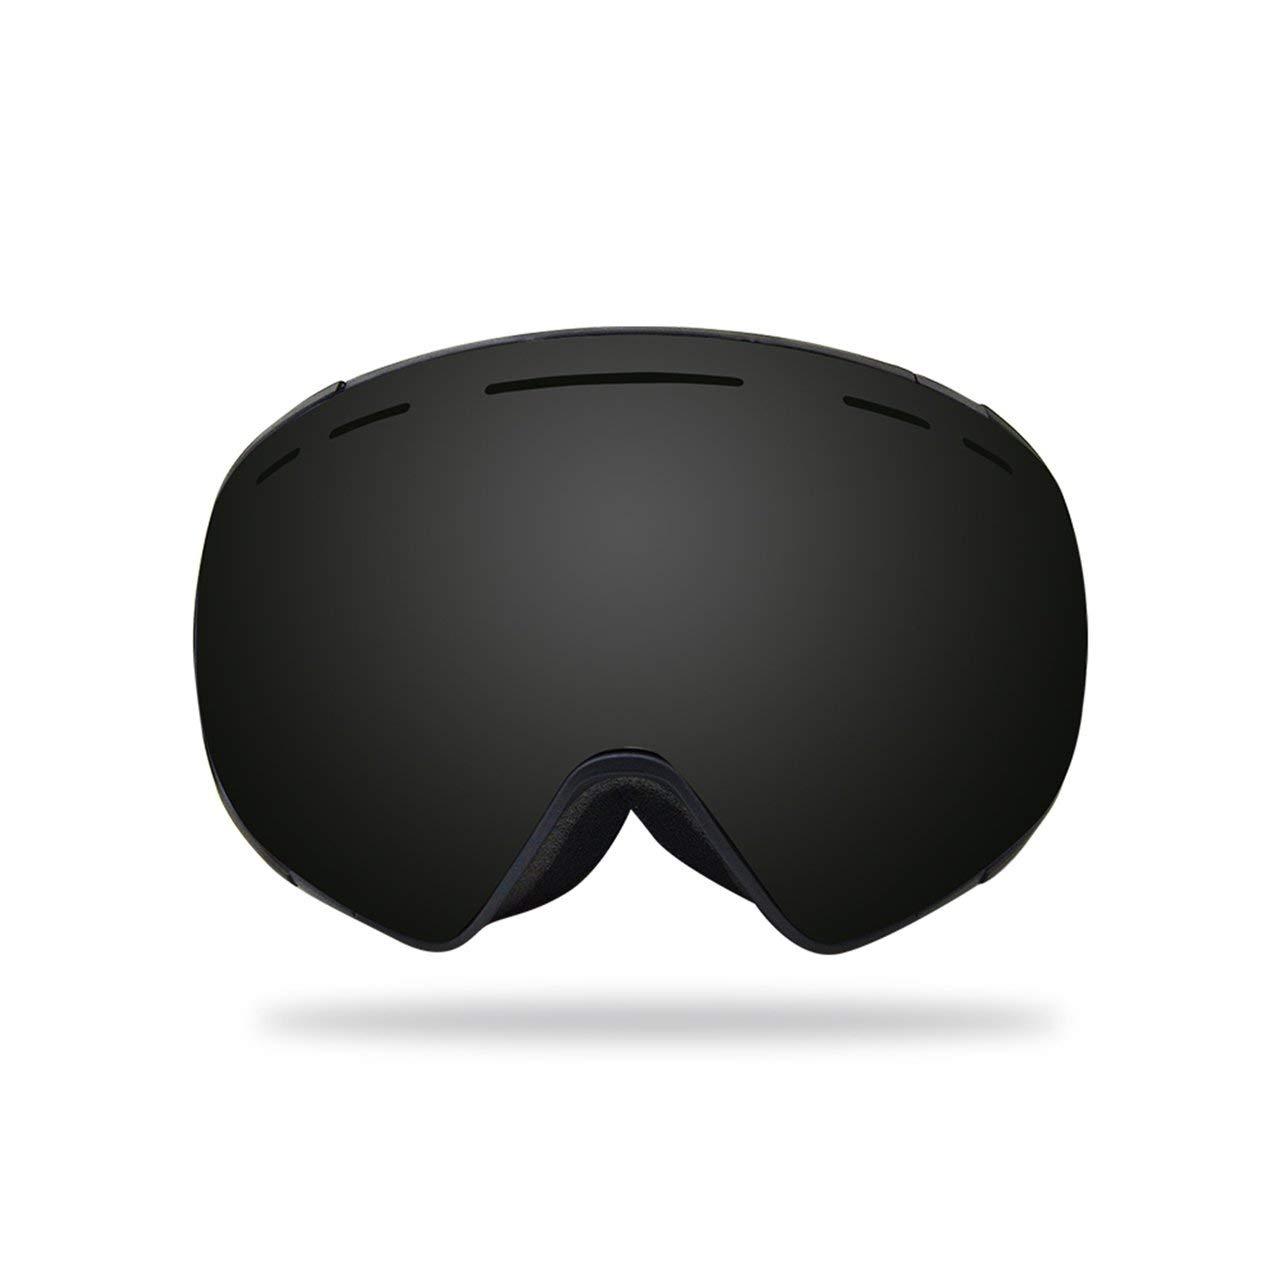 DEjasnyfall Mode Sphärische Oberfläche Skibrille UV400 Anti-Fog-Maske Brille Professionelle Männer Frauen Brille Klassisches Design (schwarz)